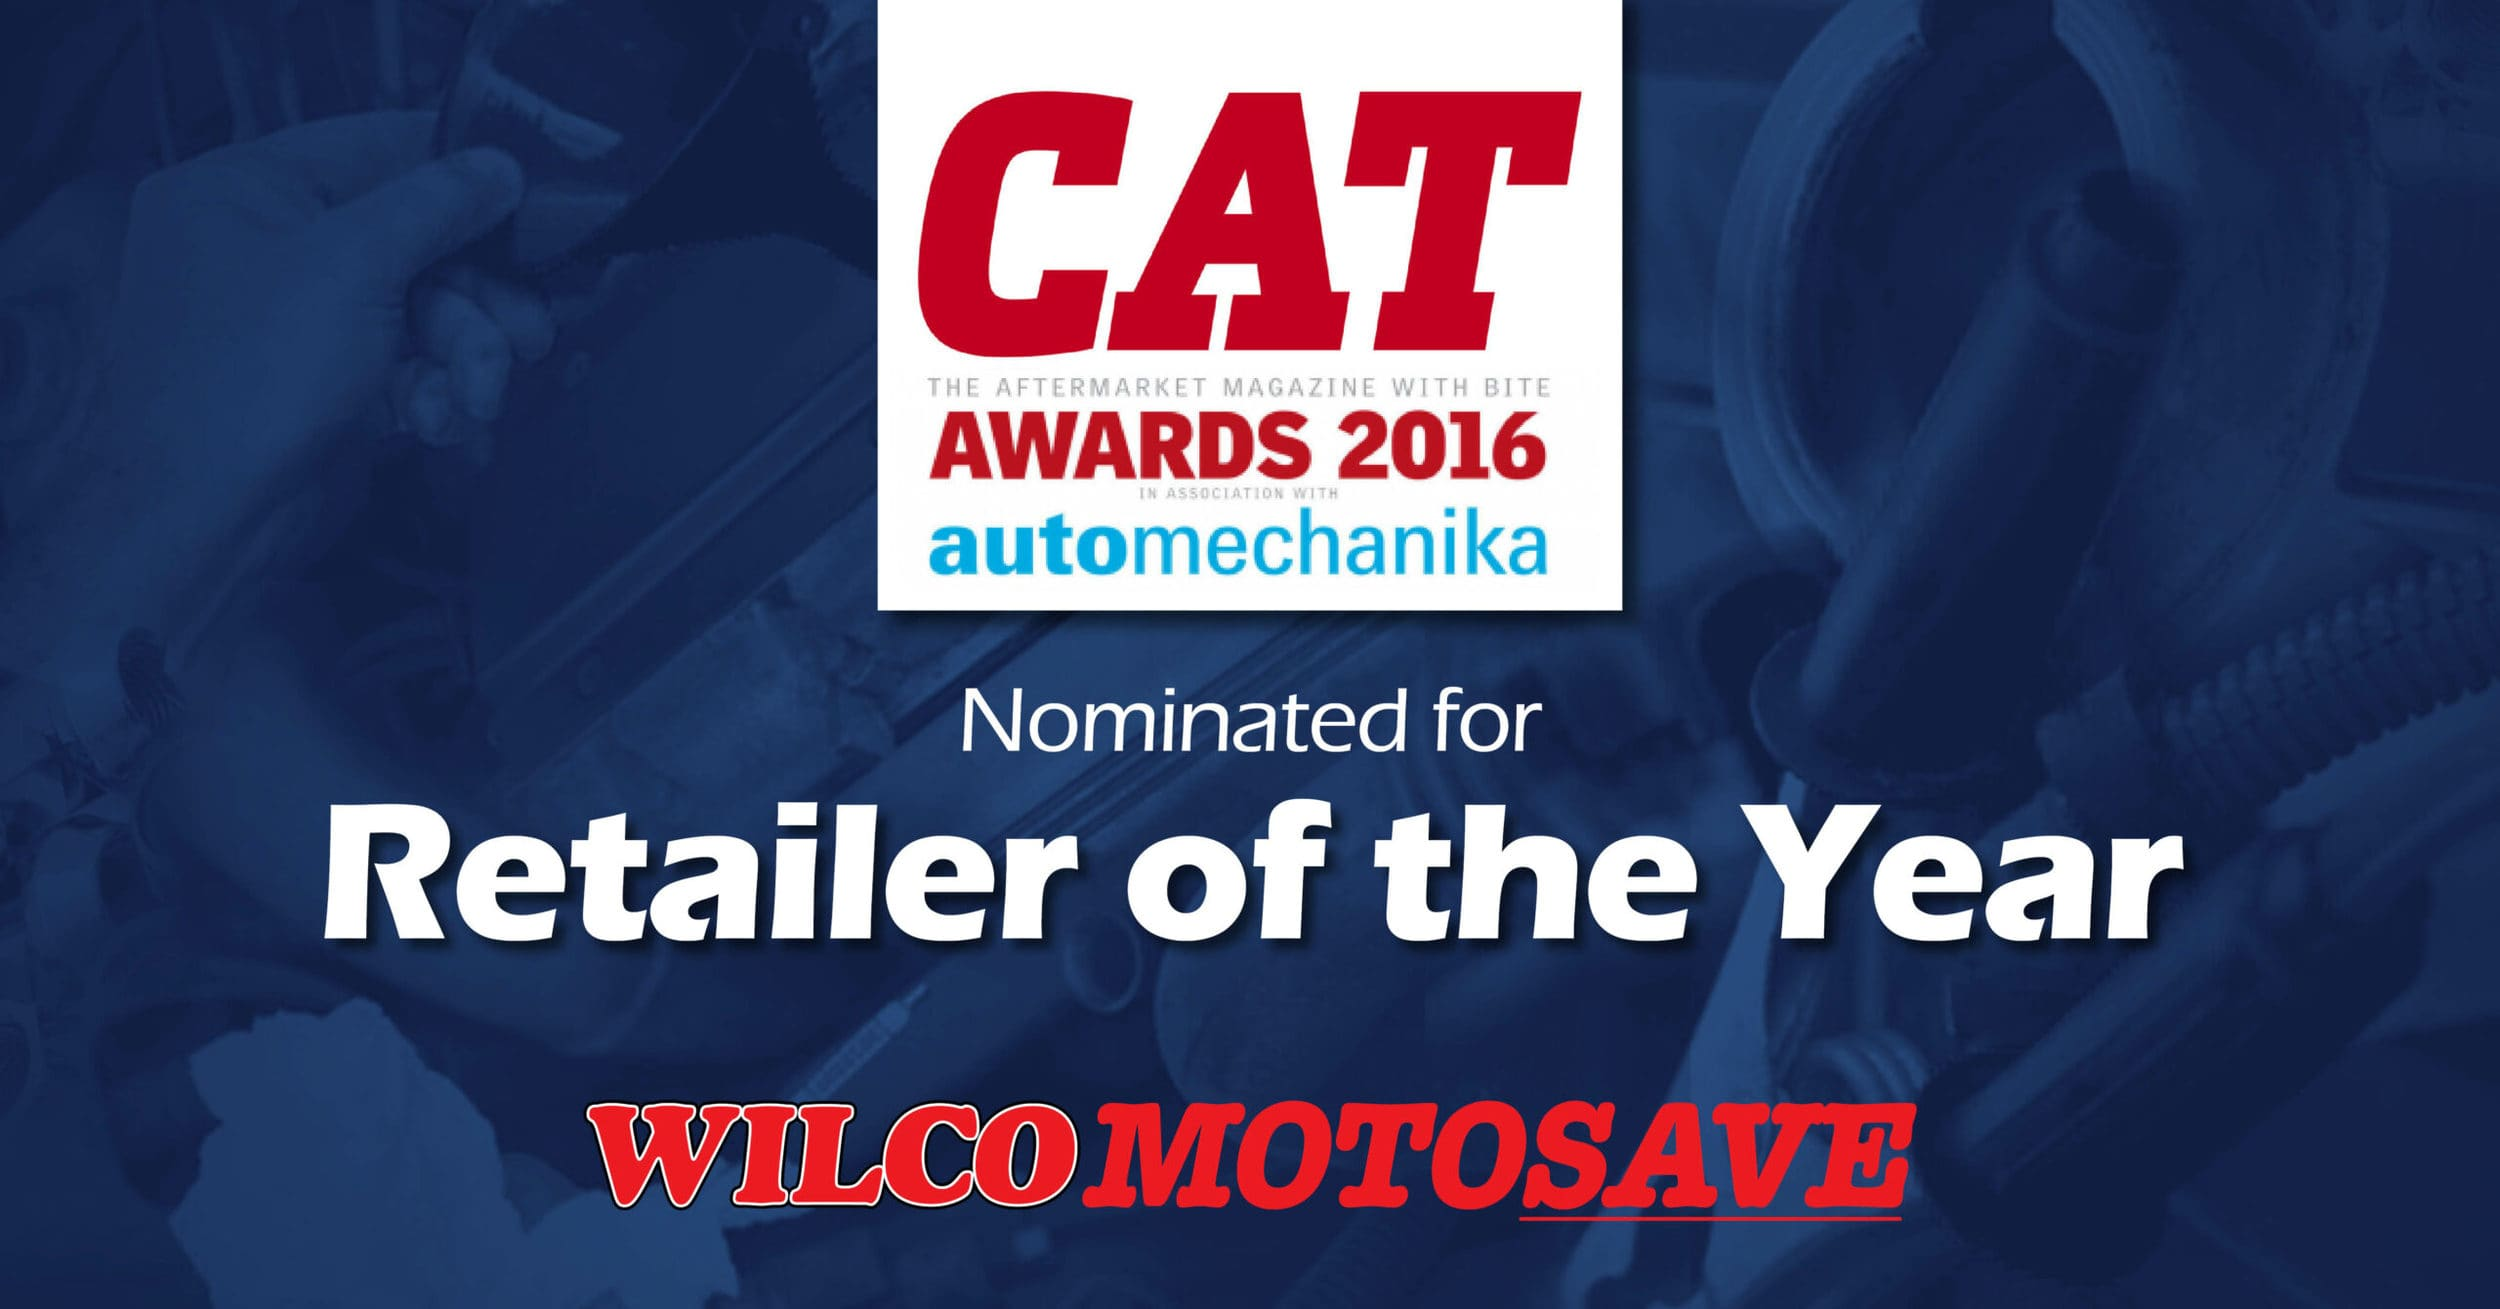 CAT Magazine Awards